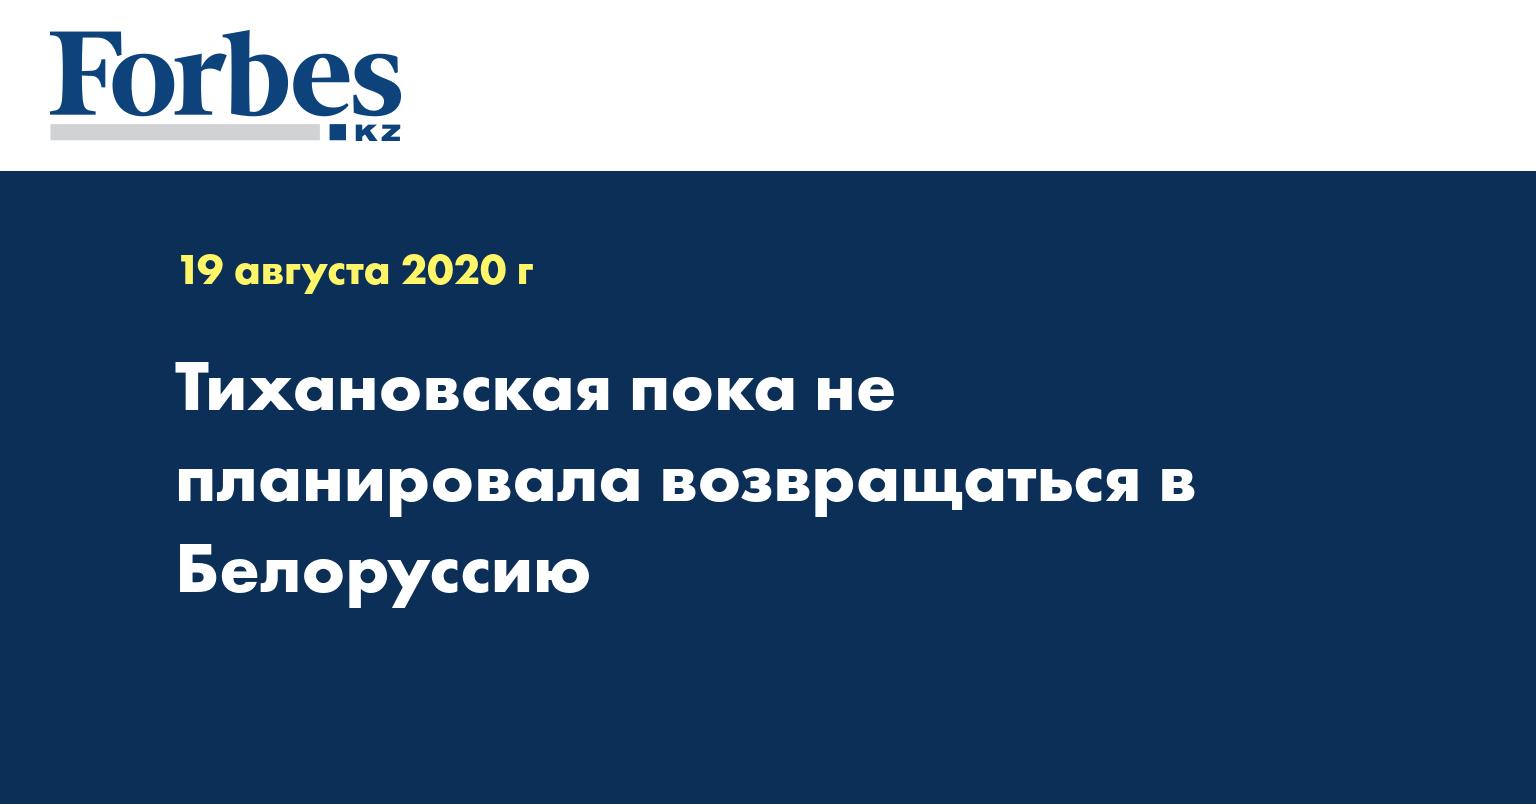 Тихановская пока не планировала возвращаться в Беларусь